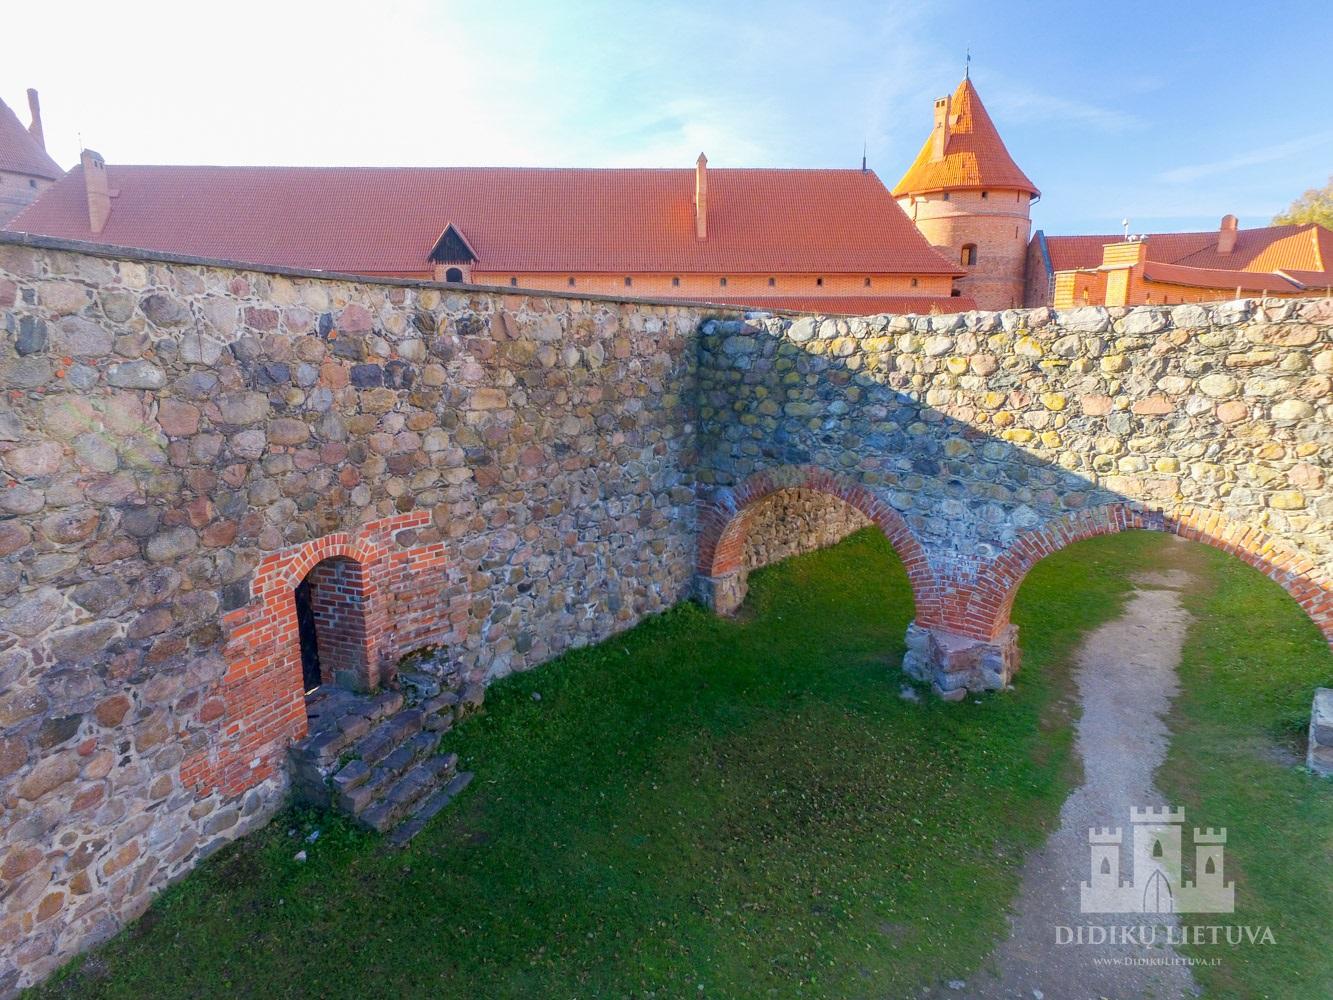 Priešpilio gynybinės sienos liekanos statytos gynybinės paskirties pastatas